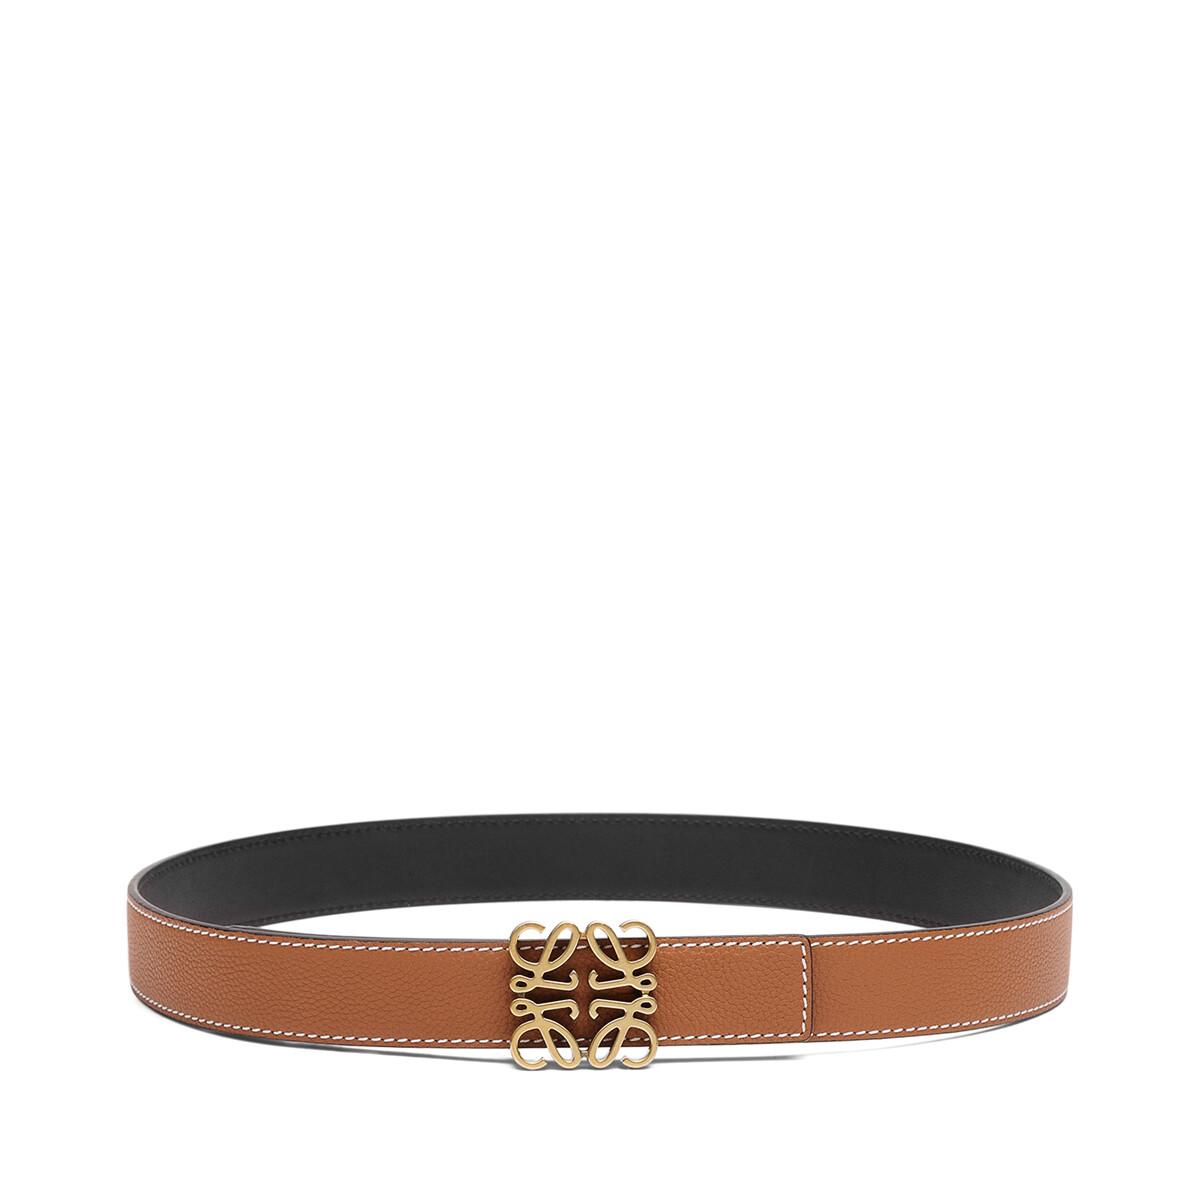 LOEWE Anagram Belt 3.2 Cm Tan/Black/Old Gold front